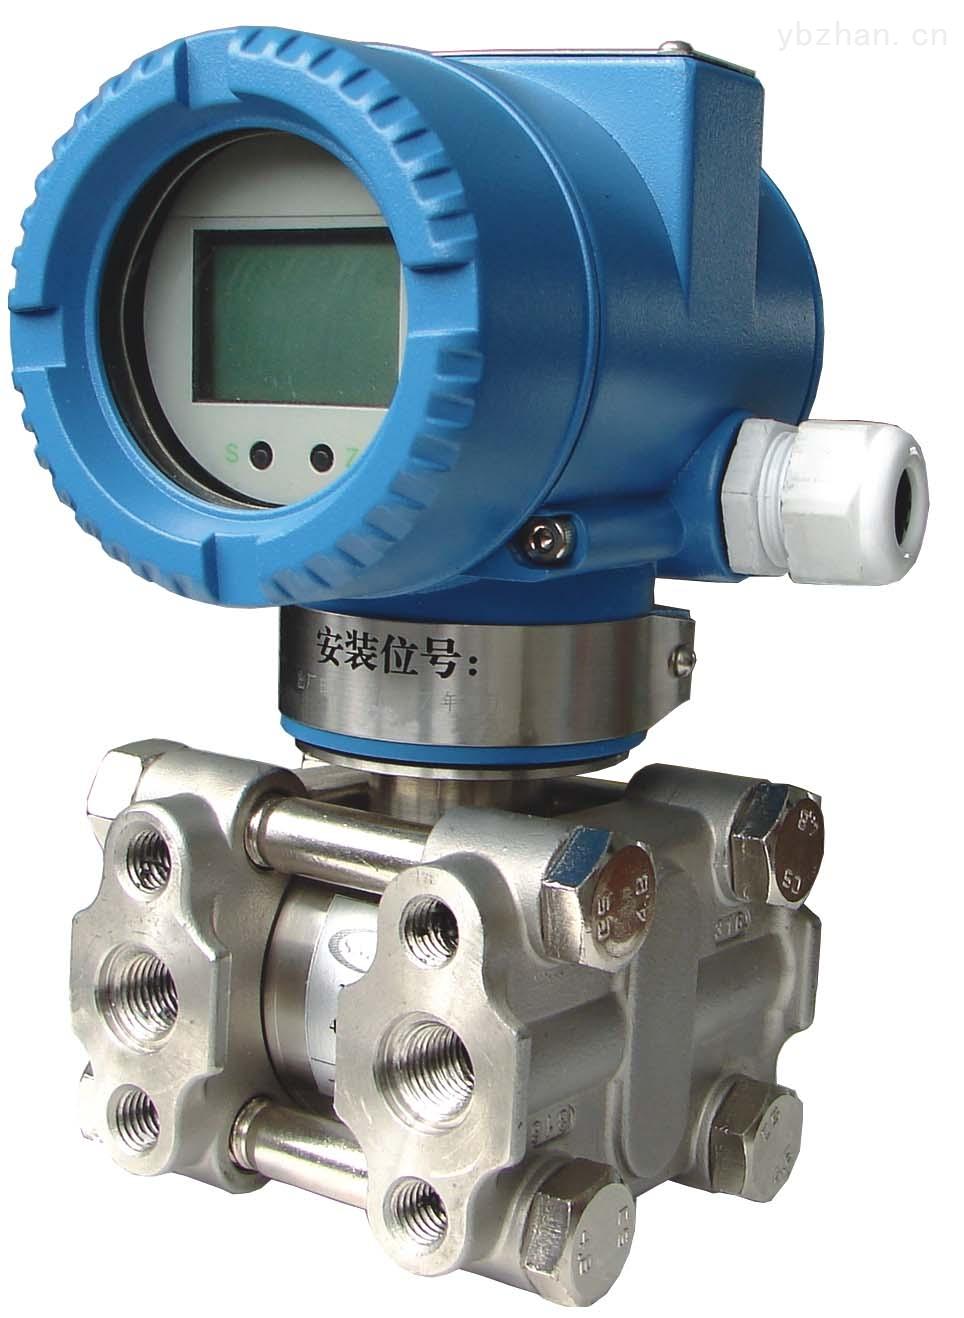 3051CG系列表压变送器